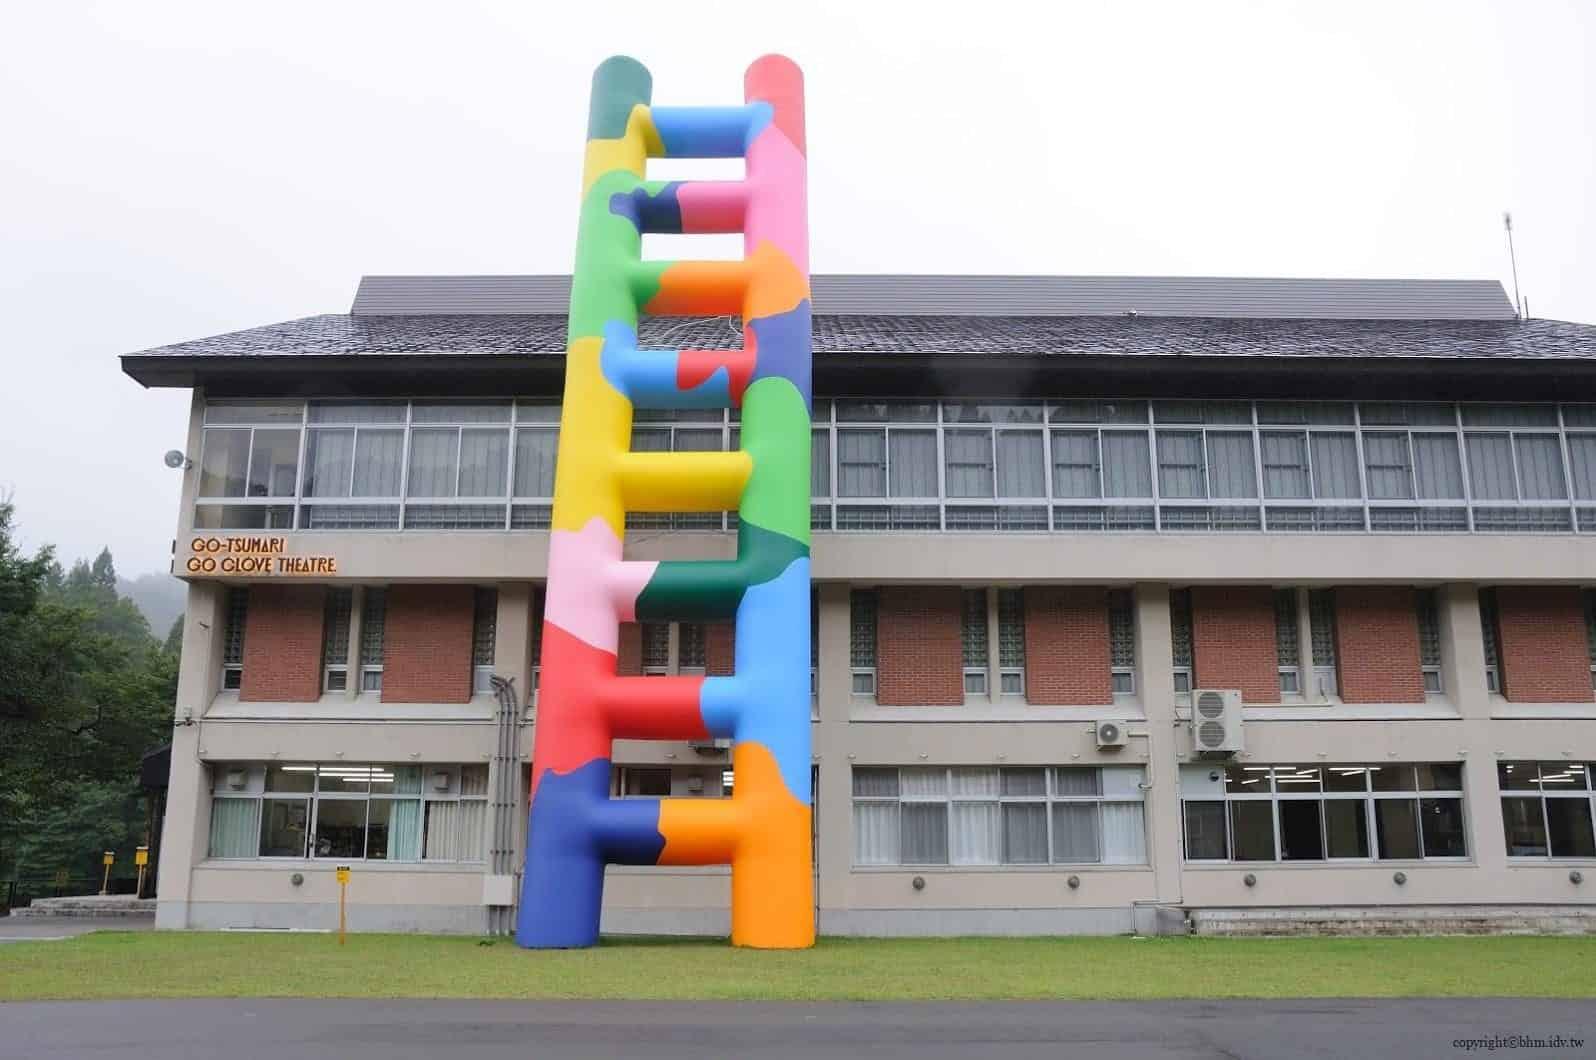 豊田恒行,越後妻有「上鄉劇場館」,側面的五彩大型充氣梯子為建築物增加童趣 越後妻有「上鄉劇場館」 越後妻有「上鄉劇場館」 Echigo Tsumari Kamigo Clove Theatre 05 0x0